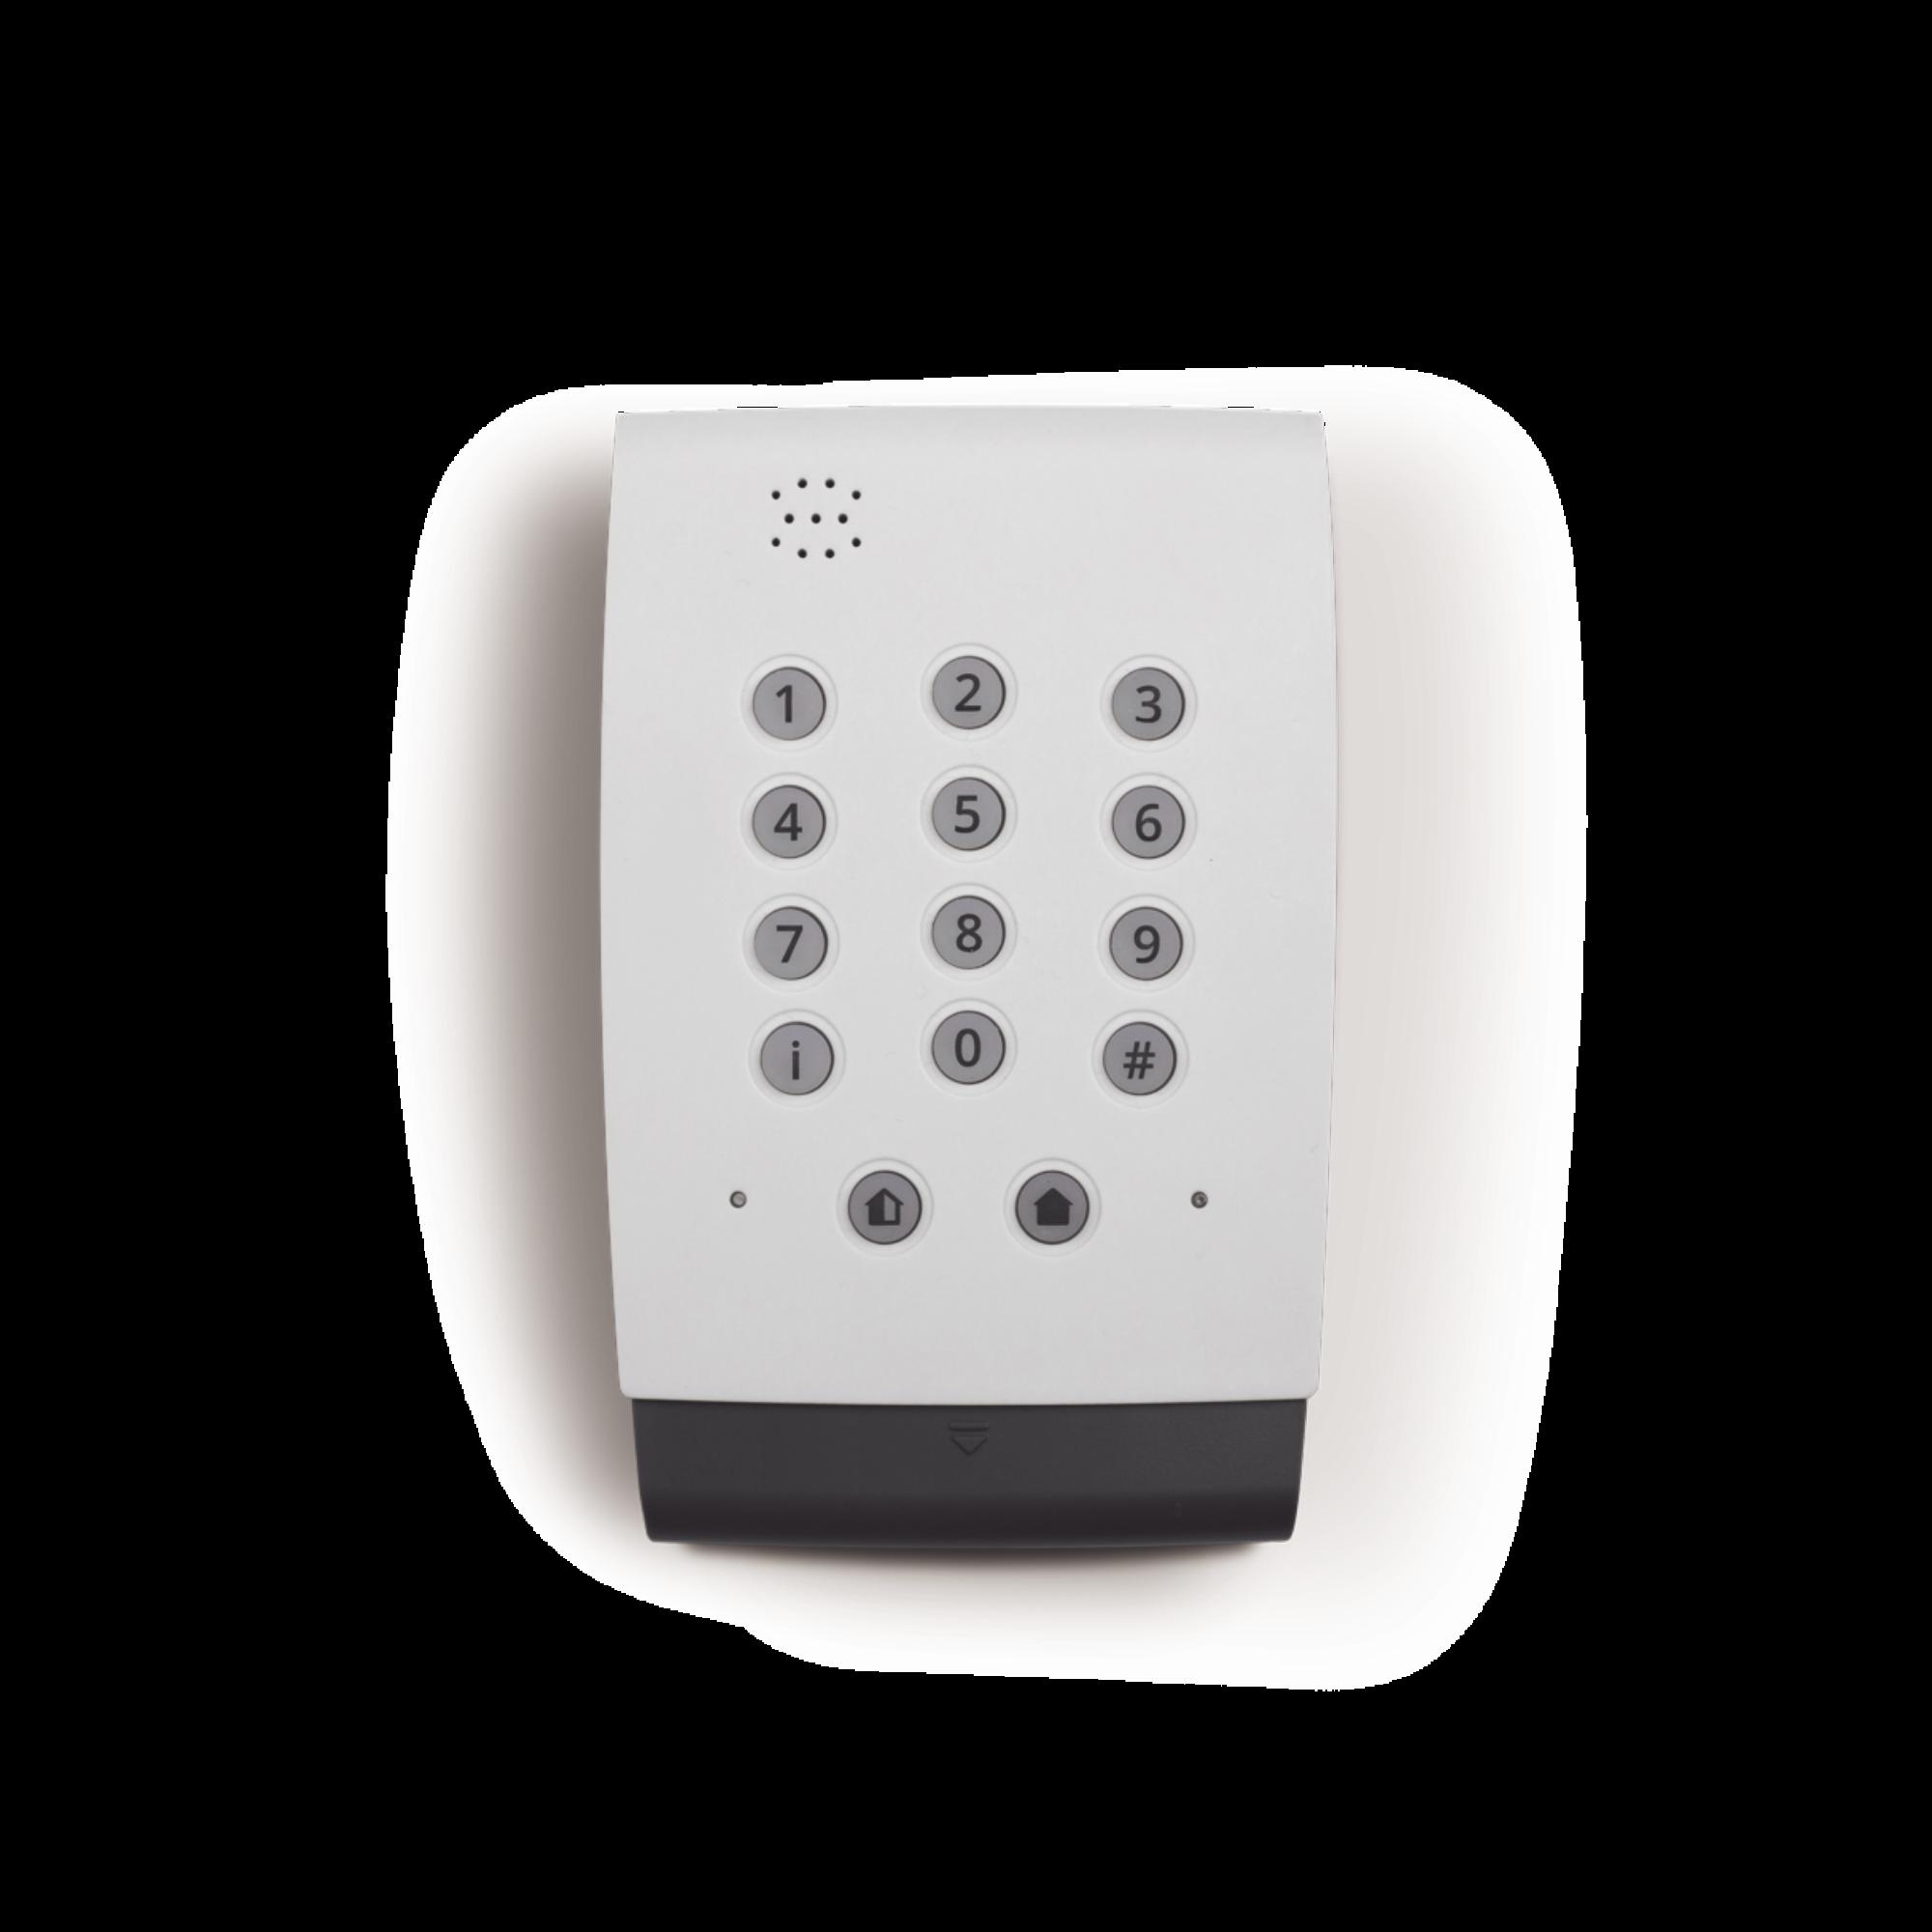 Teclado inalámbrico para los paneles de alarma con control inalámbrico de la serie NORD